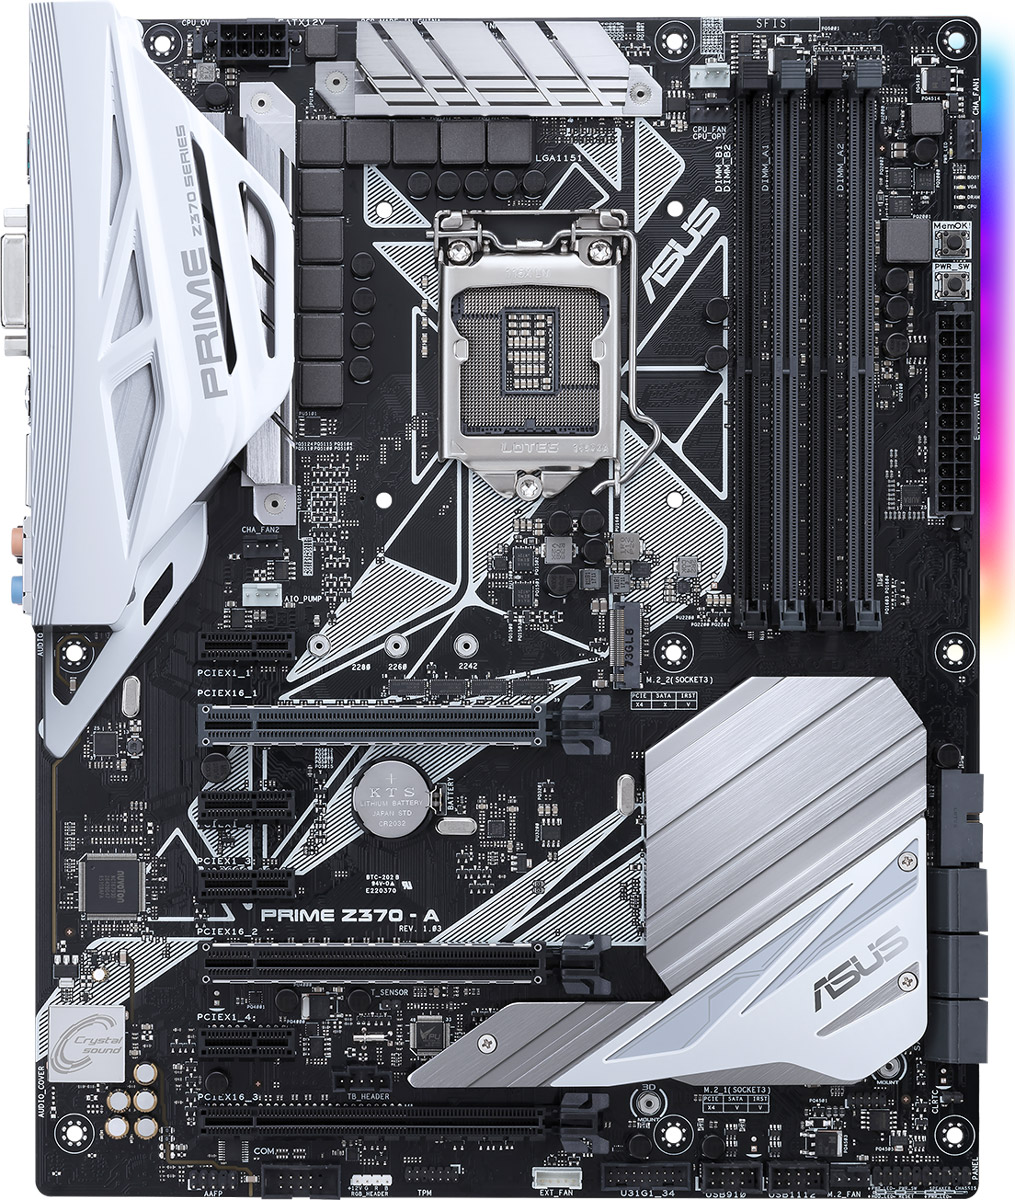 ASUS Prime Z370-A материнская плата90MB0V60-M0EAY0ASUS Prime Z370-A - материнская плата формата ATX с процессорным разъемом Intel LGA1151 и современными интерфейсами.Поддерживая всю функциональность новейших процессоров Intel Core восьмого поколения, она дополняет ее инновационными решениями от ASUS, такими как автоматическая настройка компьютера, гибкое управление системой охлаждения, высококачественный встроенный звук и совместимость с контроллером вентиляторов Fan Extension Card.Найти правильные настройки компьютера для конкретных сценариев работы стало предельно просто – достаточно воспользоваться функцией 5-сторонней оптимизации от ASUS. Вентиляторы работают на невысокой скорости при запуске обычных приложений, чтобы минимизировать шум, но ускоряются с ростом нагрузки на центральный или графический процессоры.Для слотов памяти используется оптимизированная разводка в определенном слое печатной платы (технология OptiMem), способствующая минимизации электромагнитных помех, и Т-образная топология подключения, улучшающая синхронизацию между сигналами, идущими в разные модули. Благодаря этому улучшается стабильность работы памяти, в том числе и на повышенных частотах, вплоть до DDR4-4000 - при заполнении всех слотов.ASUS Pro Clock – это специальный генератор тактовой частоты, позволяющий значительно повышать базовую частоту работы для процессоров Intel Core восьмого поколения. Дополняя уже знакомый пользователям TPU-чип, он позволяет добиться более высоких результатов при разгоне компьютера.Чтобы обеспечить дополнительное охлаждение элементов системы питания под высокой нагрузкой, например в режиме разгона, можно установить дополнительный вентилятор, для которого предусмотрено специальное крепление на радиаторе и соответствующий разъем. Такой вентилятор (поддерживаются модели диаметров 40 и 50 мм) поможет снизить температуру процессорного стабилизатора напряжения на величину до 25 градусов!Используя четыре линии PCI Express 3.0/2.0, интерфейс M.2 обеспечивает скорос